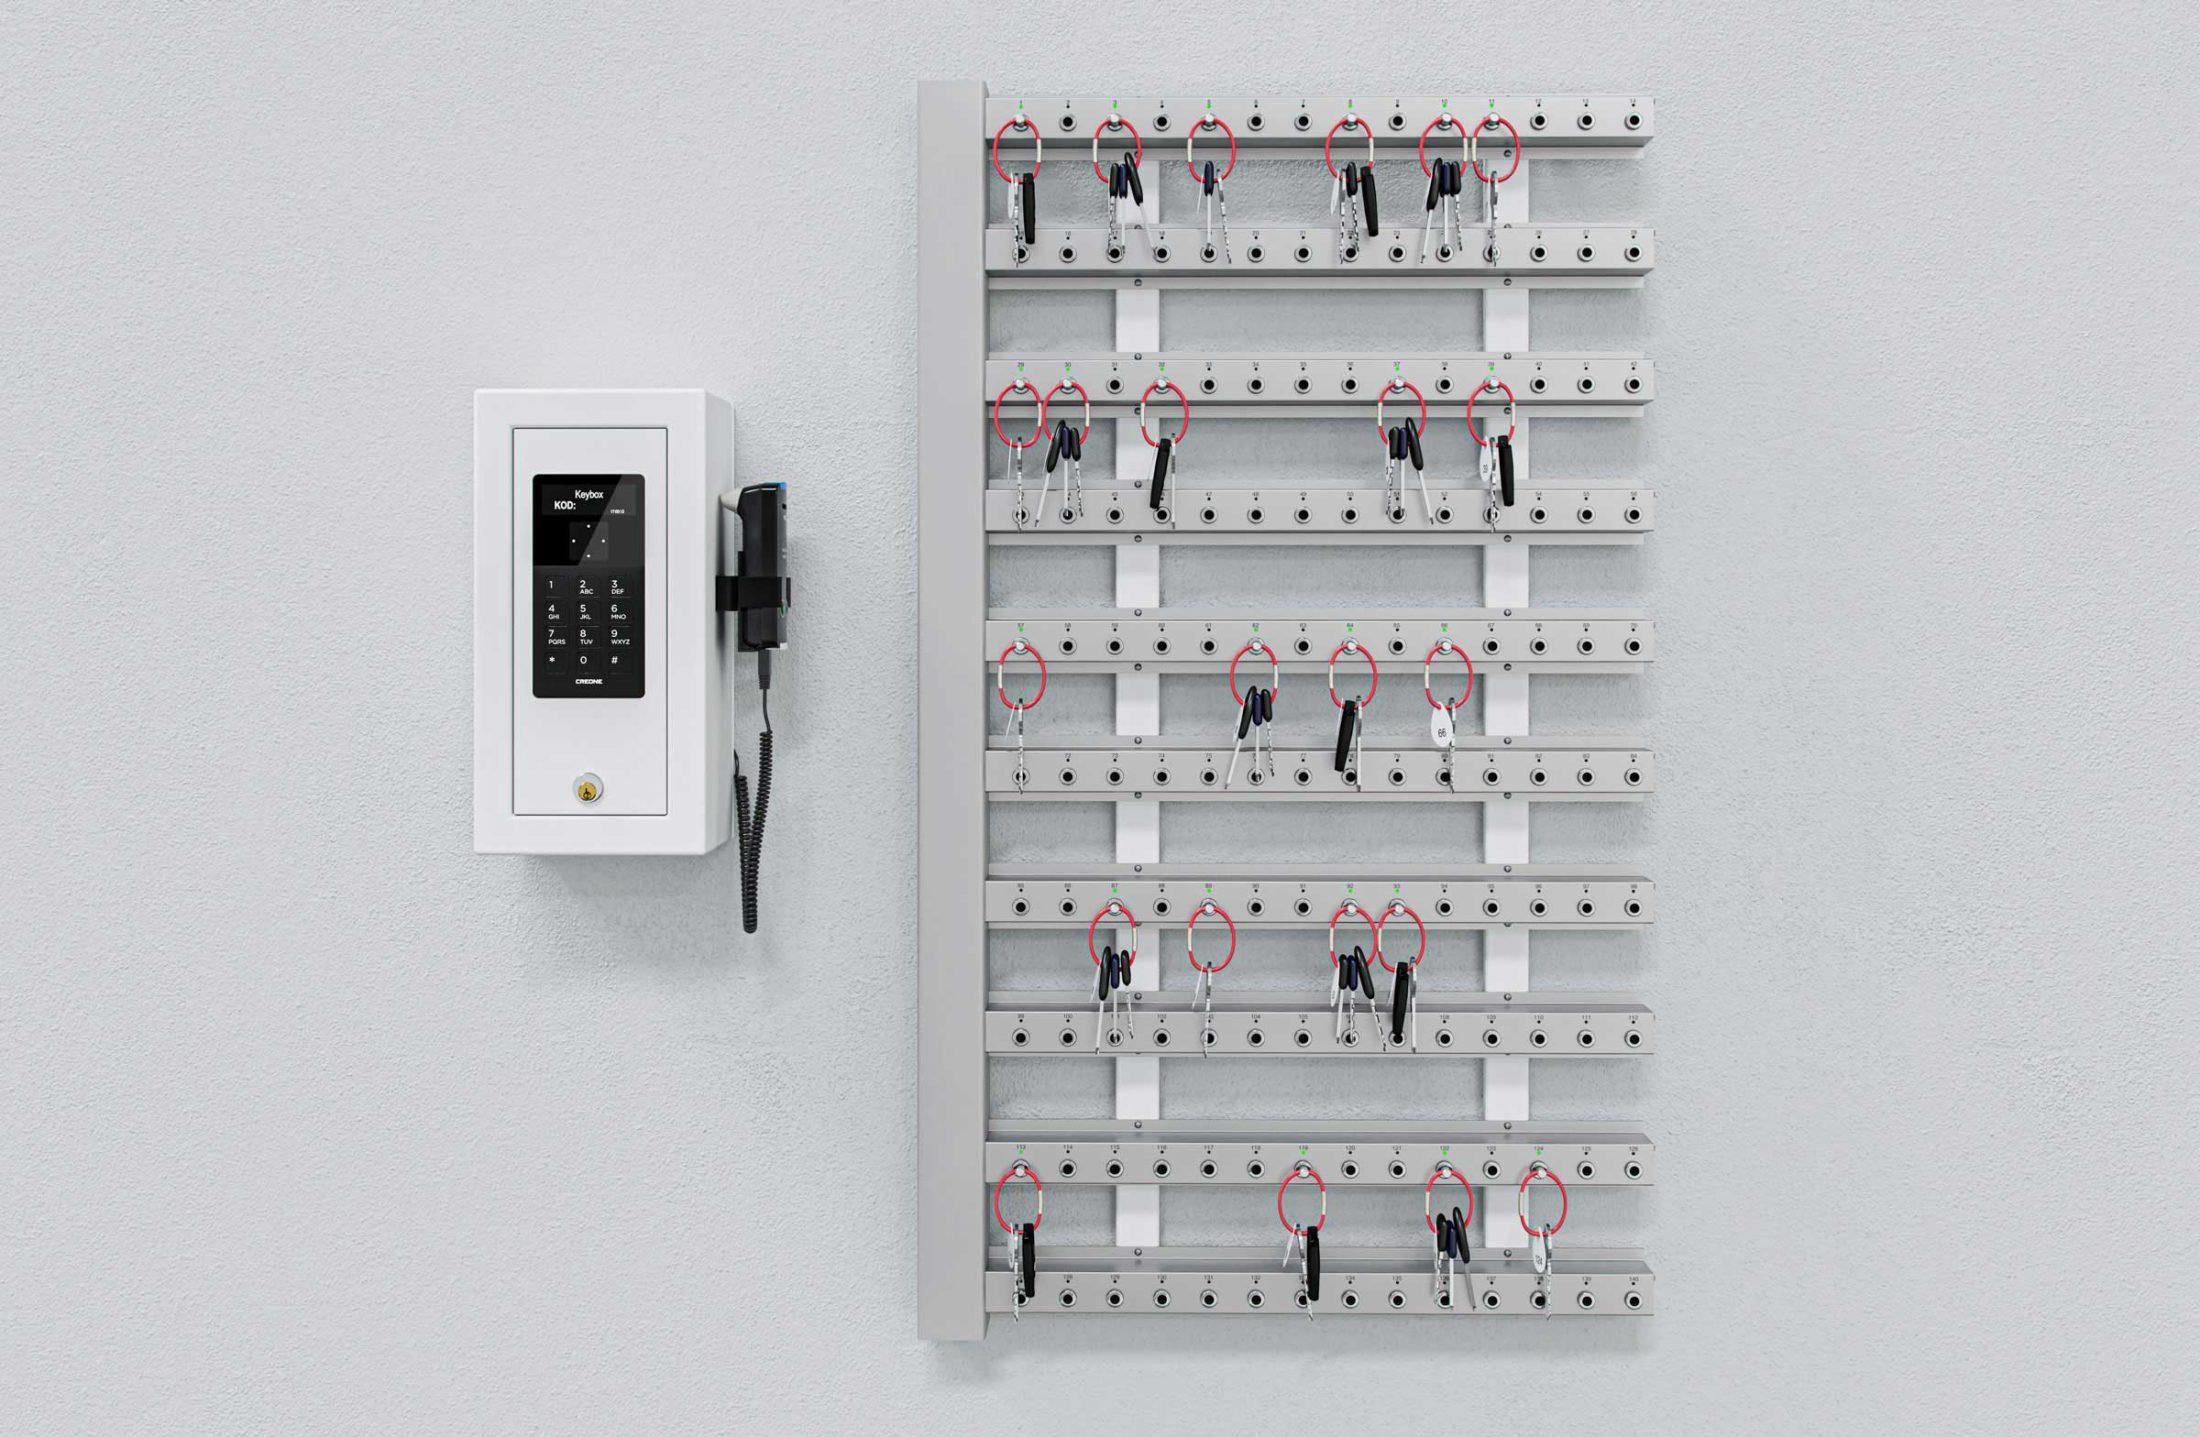 Intelligente sleutellijsten met een control box en wandmontage voor sleutelbeheer.